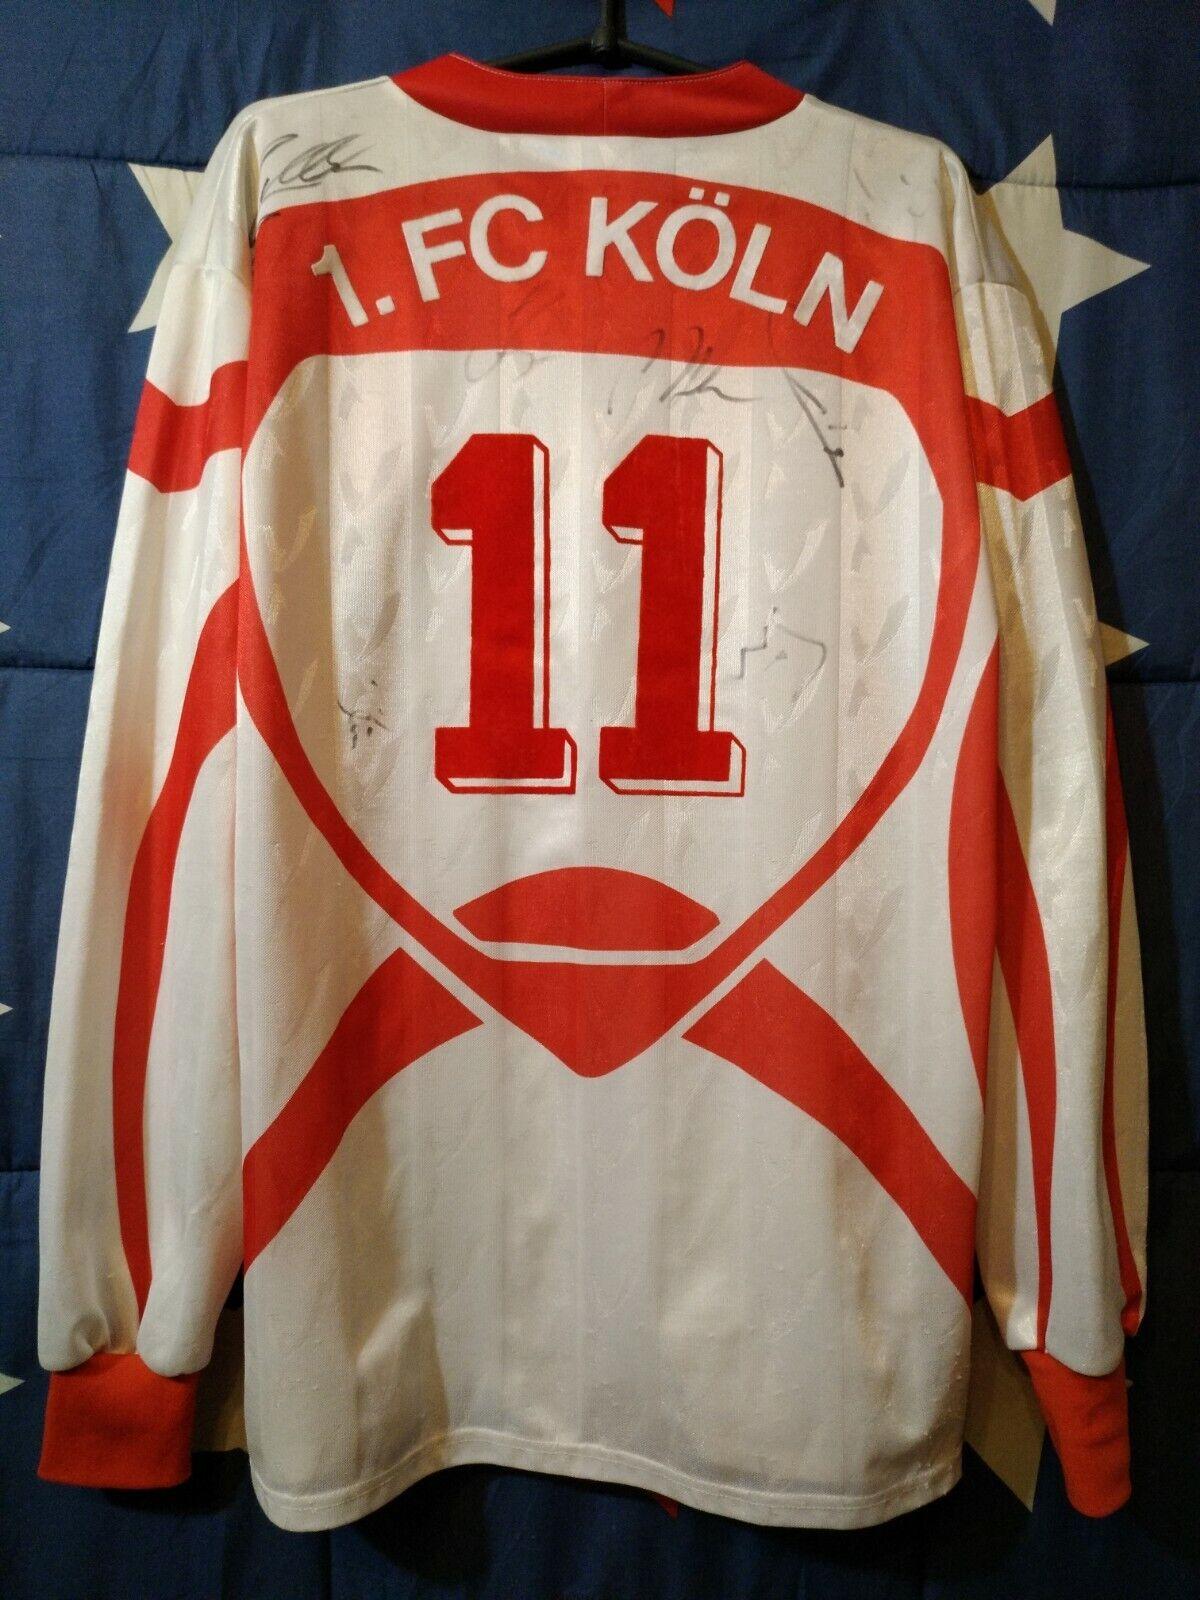 Größe XL FC Koln 1993-1994 Signed Home Football Long Sleeve Shirt Jersey  11